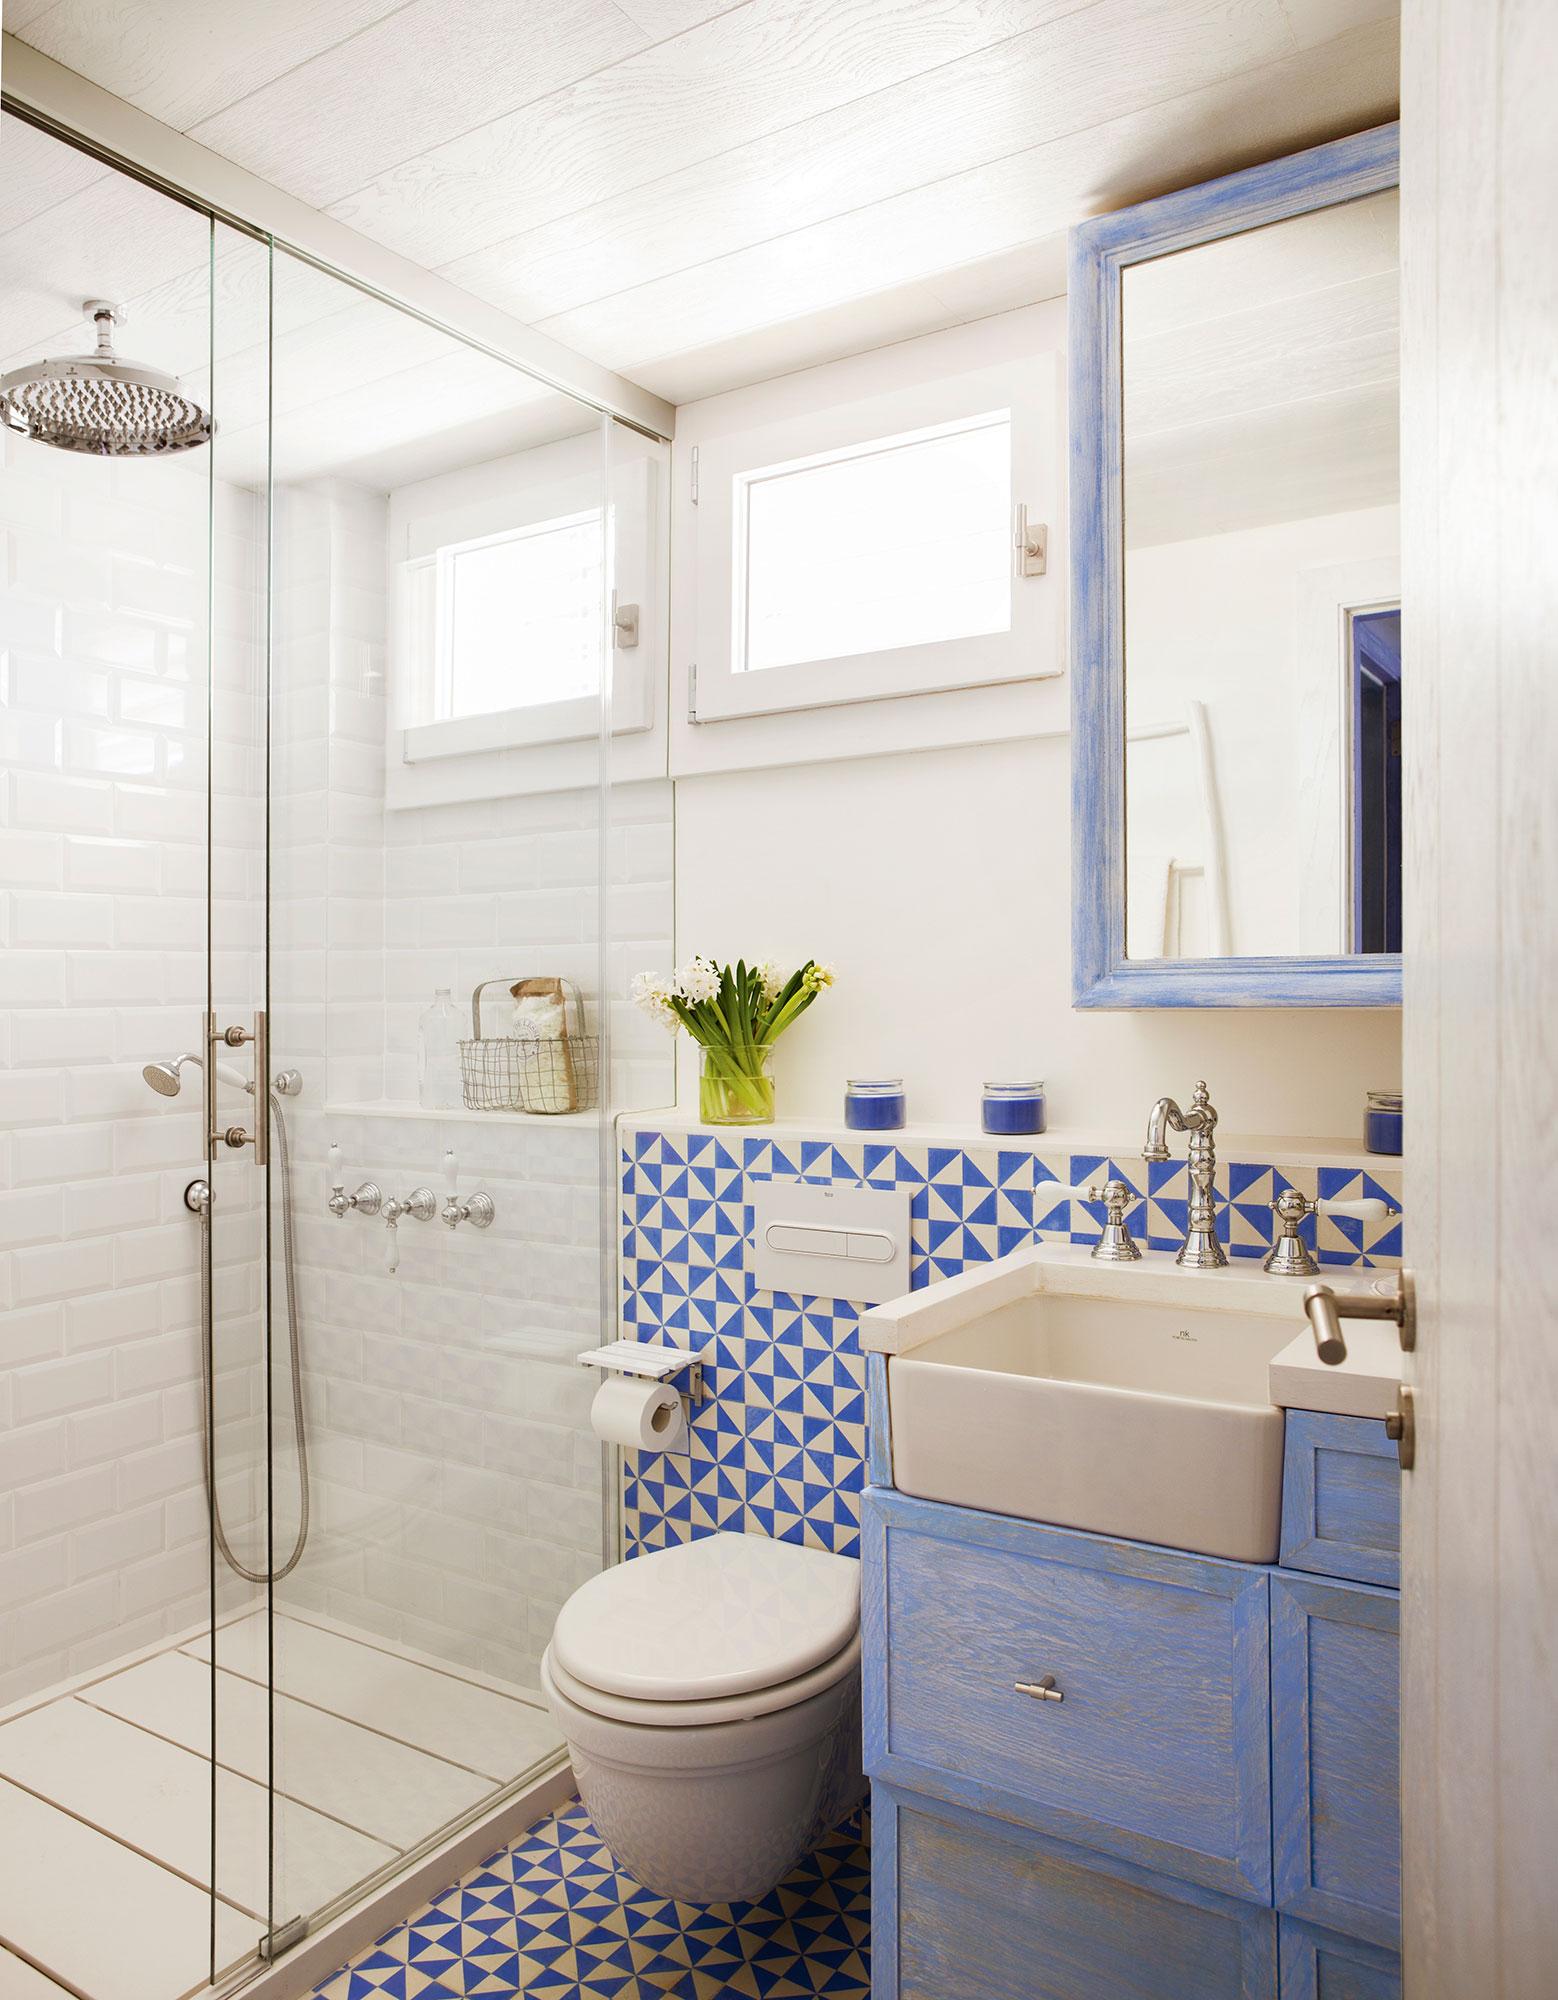 Claves para multiplicar la luz y la claridad del ba o - Azulejos azules para bano ...